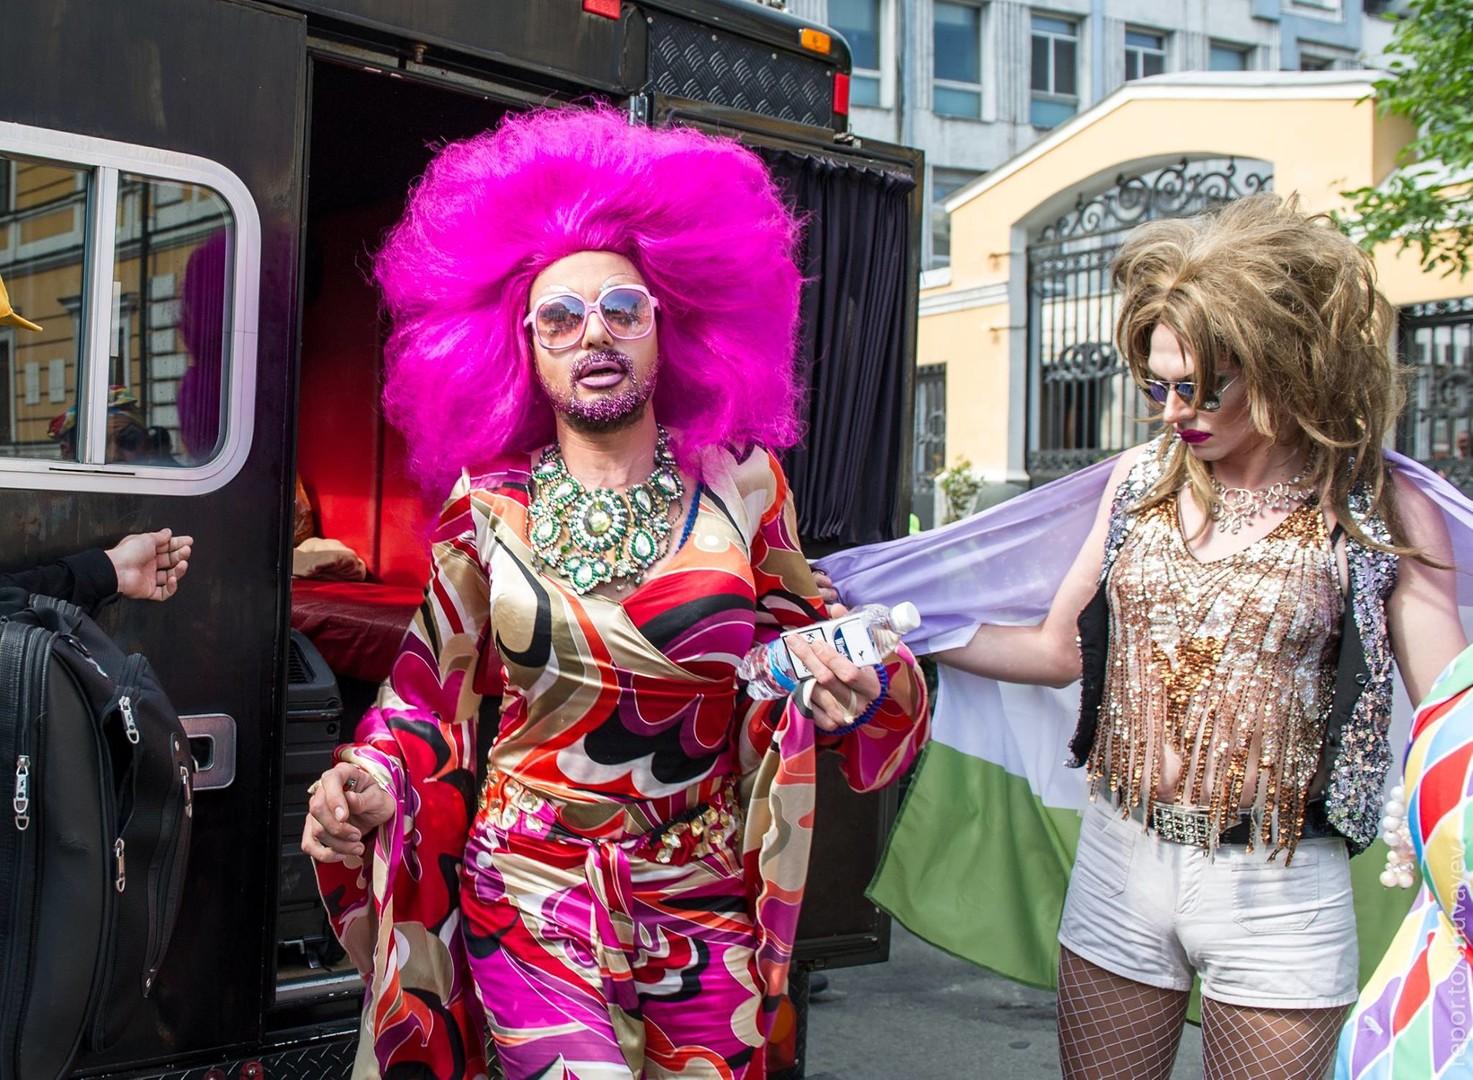 Gay Pride auf Ukrainisch: LGBT-Marsch hinter Polizeikordon in Kiew